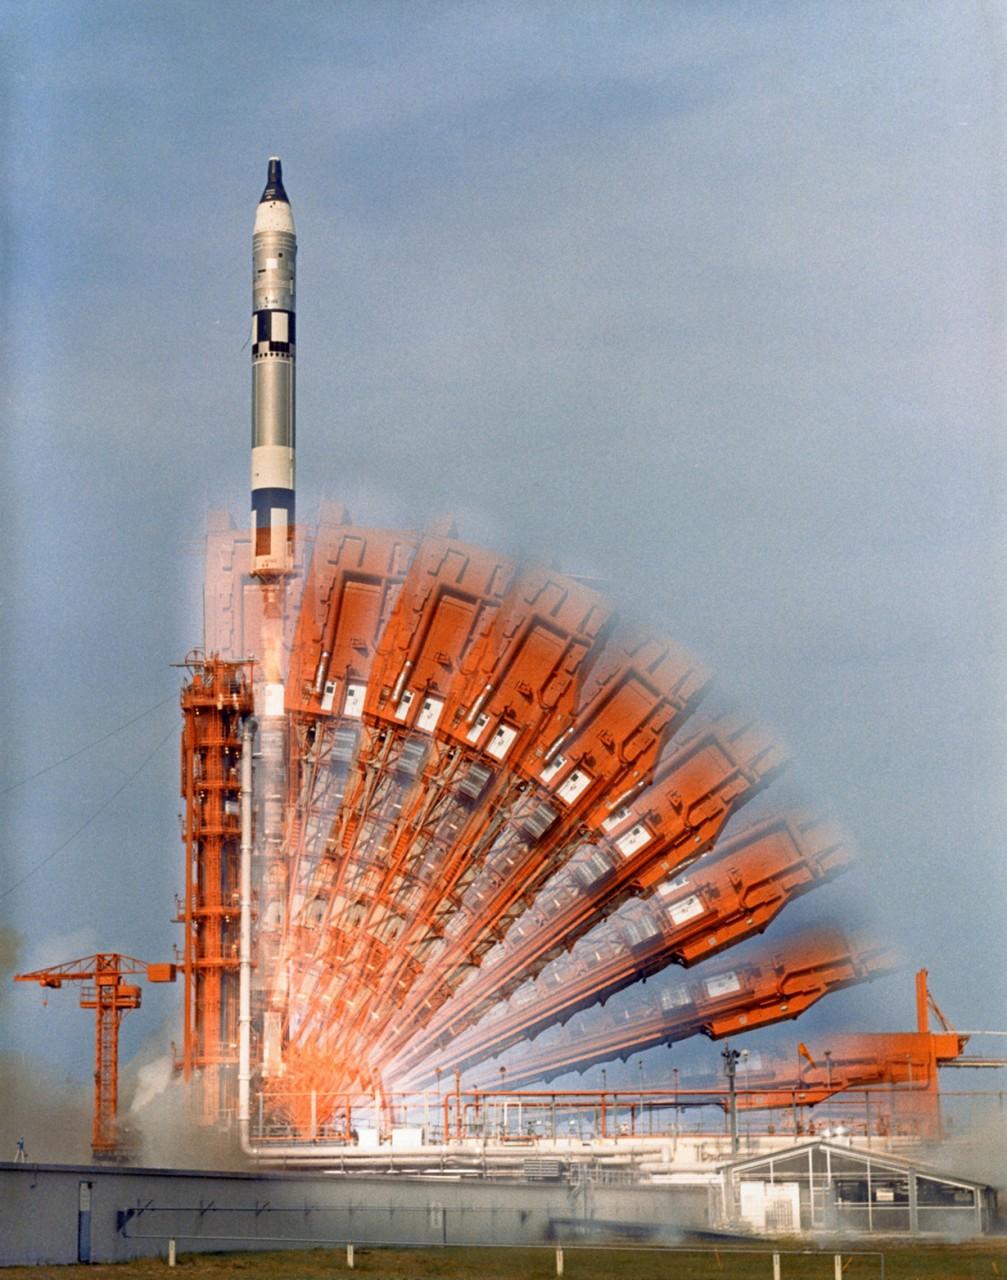 18 июля 1966 года. Замедленная съёмка запуска американского пилотируемого космического корабля «Джемини-10». На борту находился экипаж из двух астронавтов — командира Джона Янга и пилота Майкла Коллинза. За 2 дня 22 часа 46 минут корабль совершил ряд экспериментов, включая стыковку с мишенью «Аджена-X», сближение с «Адженой-8», а также отработку послестыковочных манёвров. (NASA on The Commons)